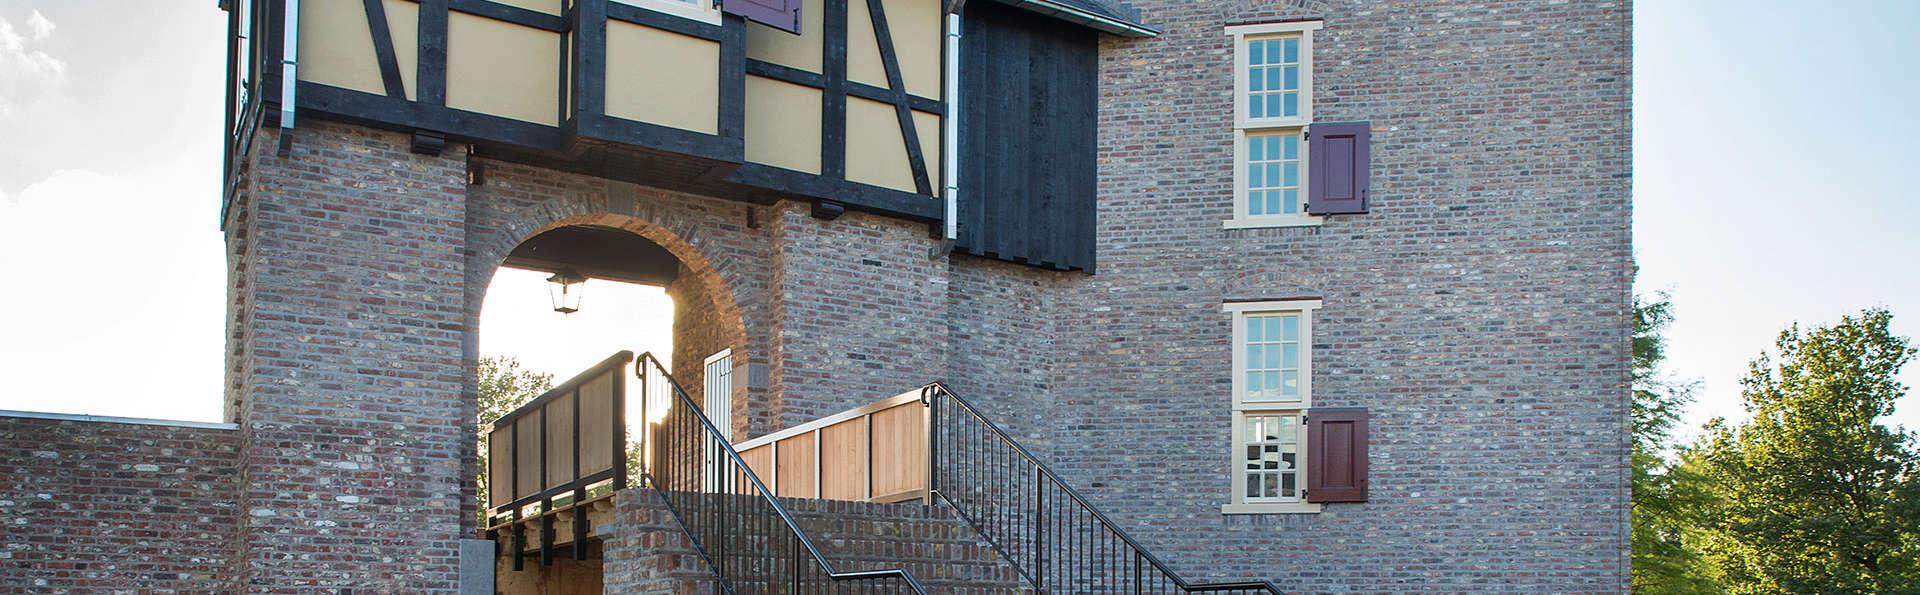 Landgoed Kasteel Daelenbroeck  - EDIT_nieuwe-toren-vanuit-binnenplaats.jpg